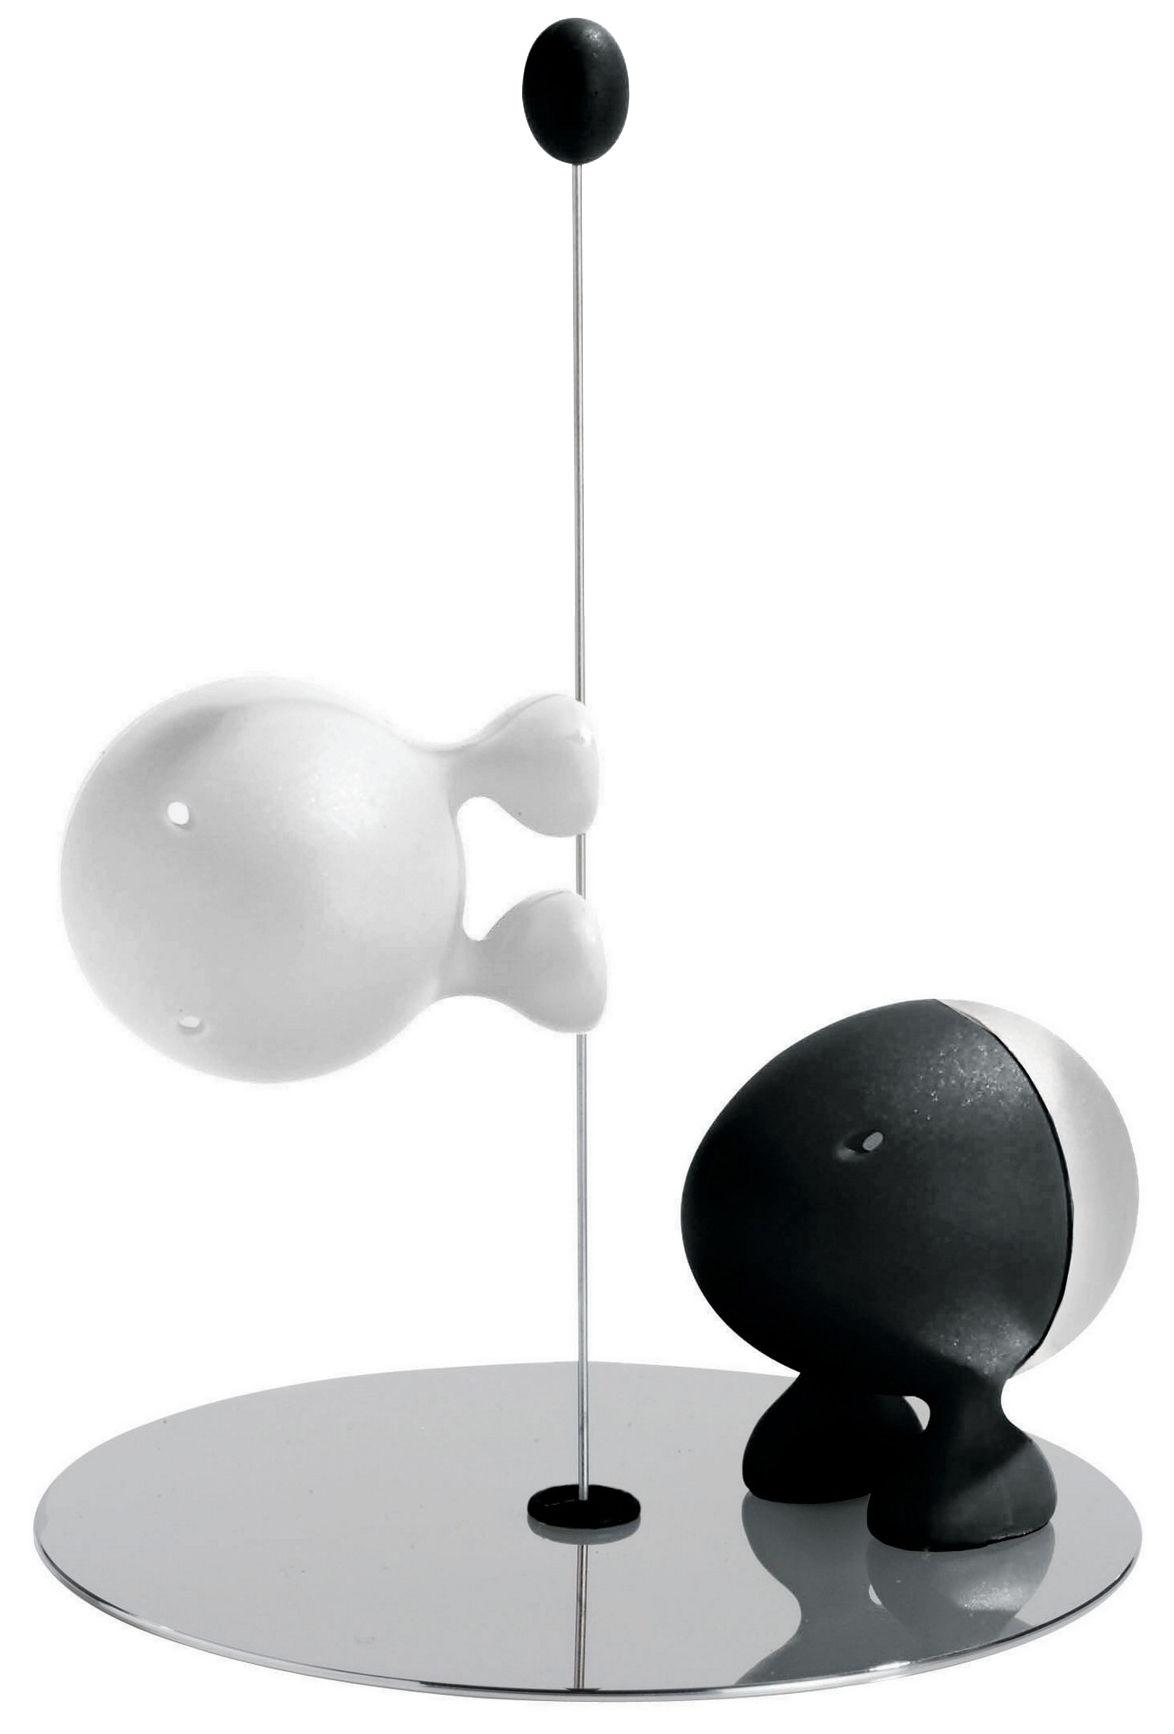 Coquetiers - Sel, poivre et épices - Ensemble salière et poivrière Lilliput - A di Alessi - Noir / Blanc - Résine thermoplastique